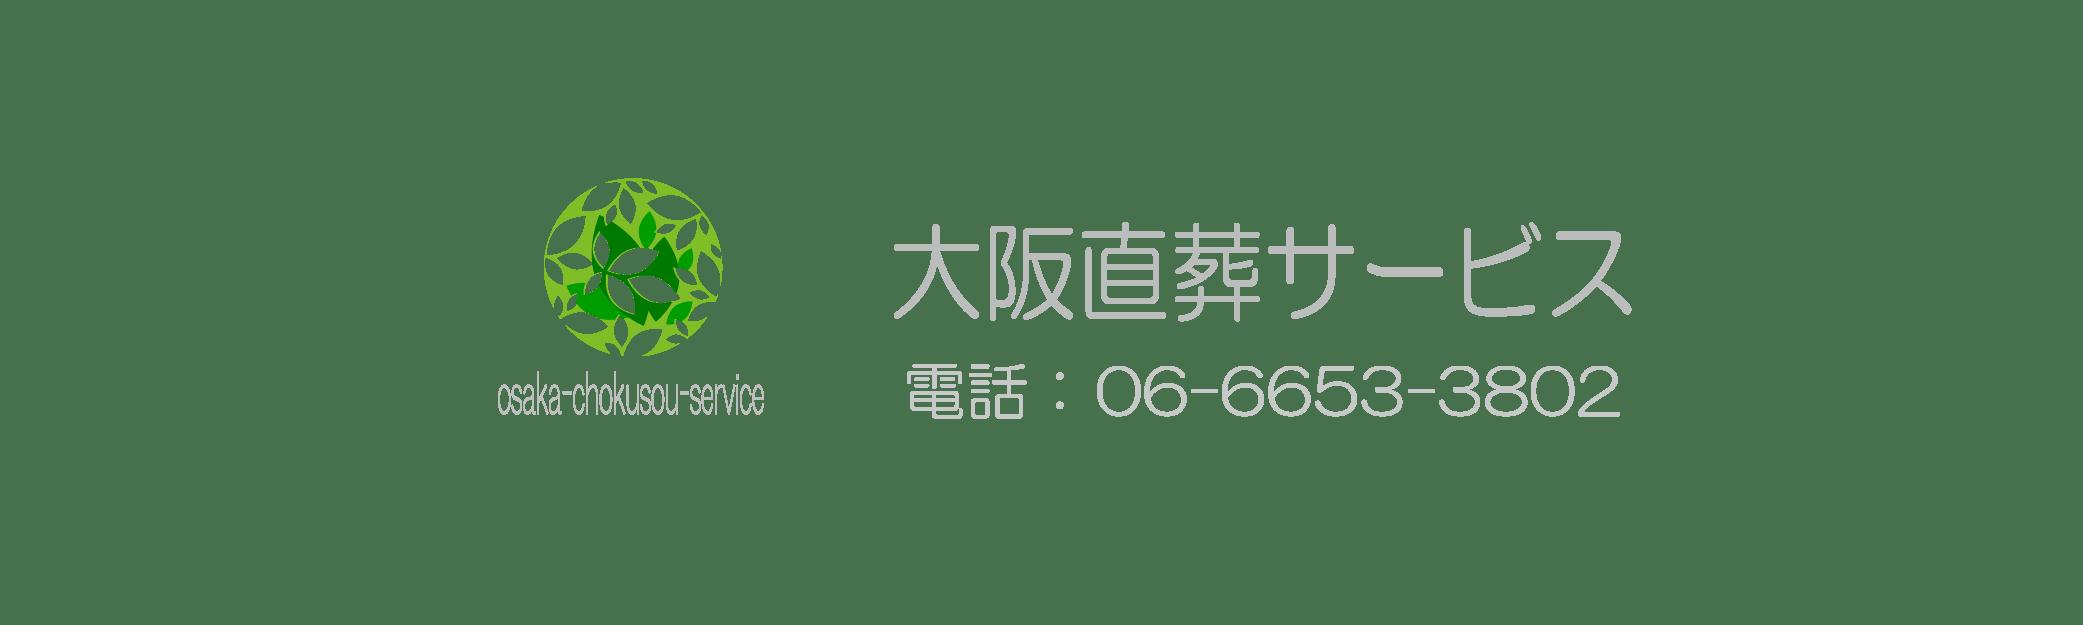 大阪直葬サービス